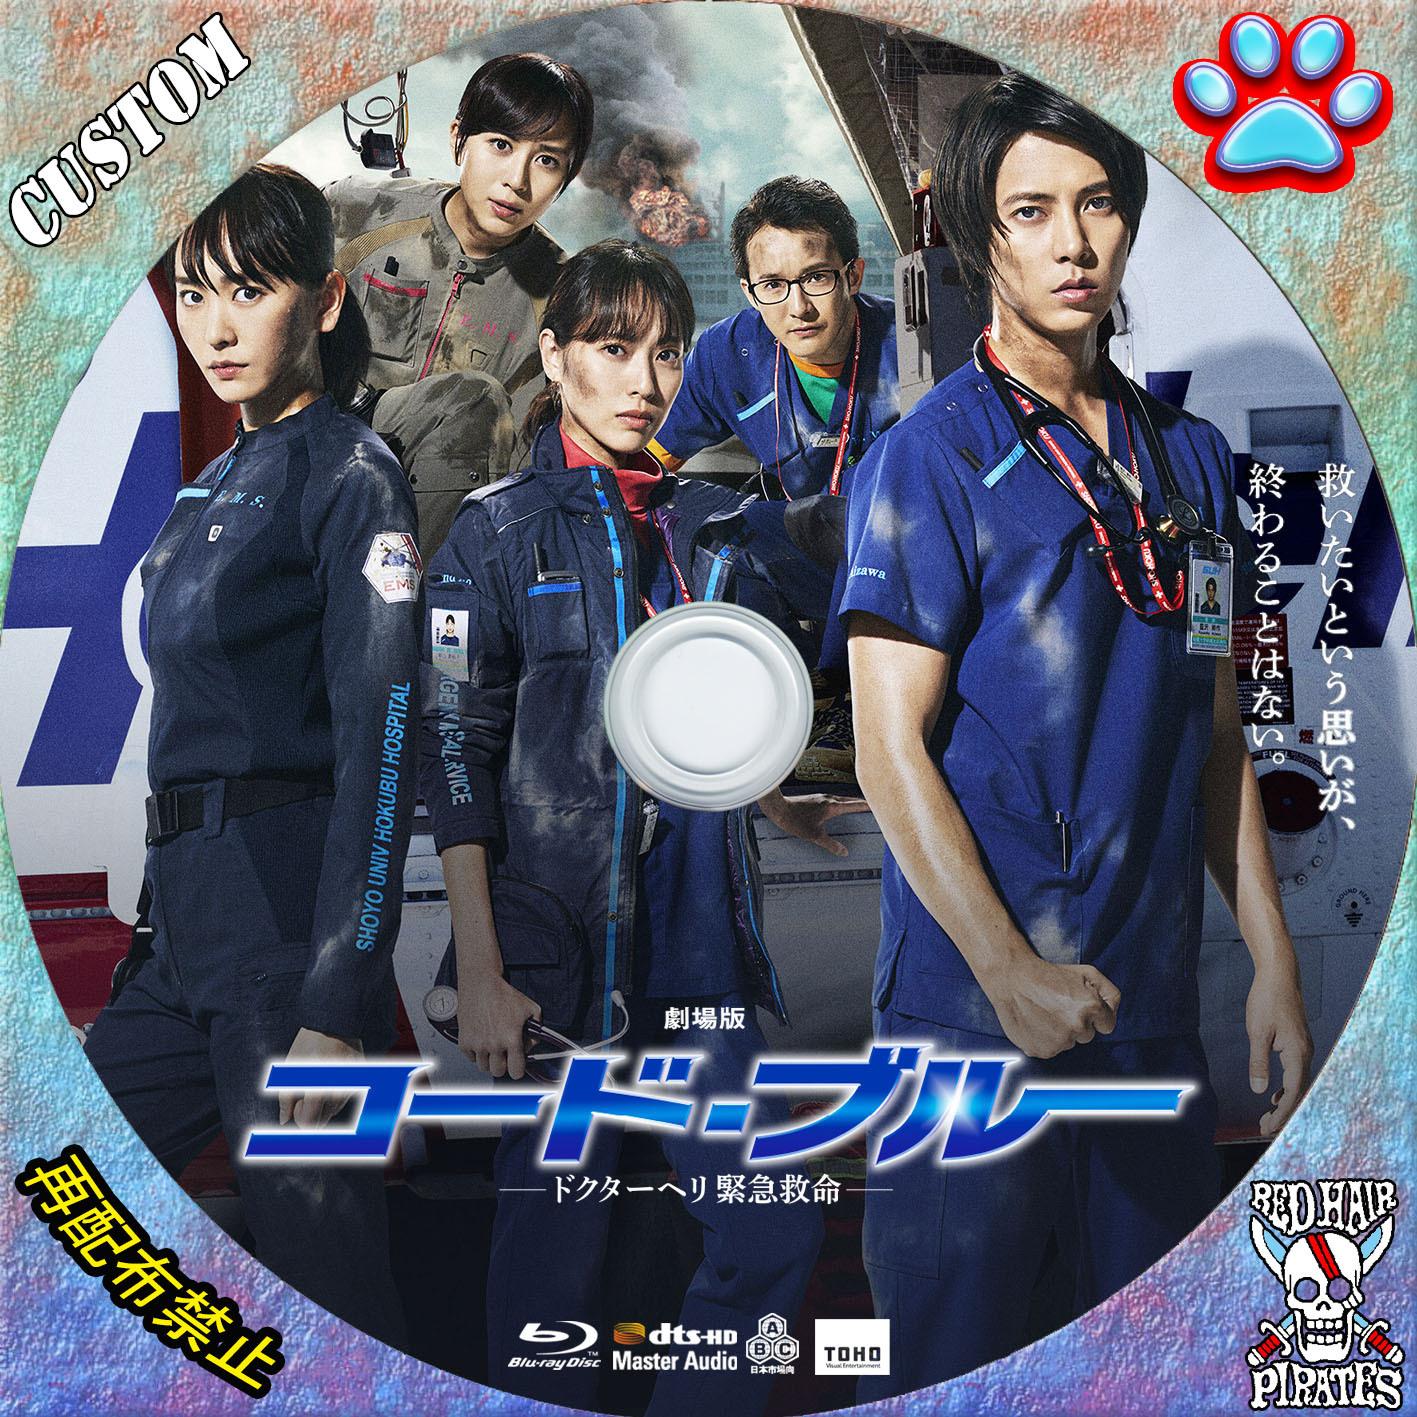 動画 コード ブルー 3 ドラマ「コード・ブルーS1/S2」無料動画 山下智久主演のドクターヘリ緊急救命ドラマ動画